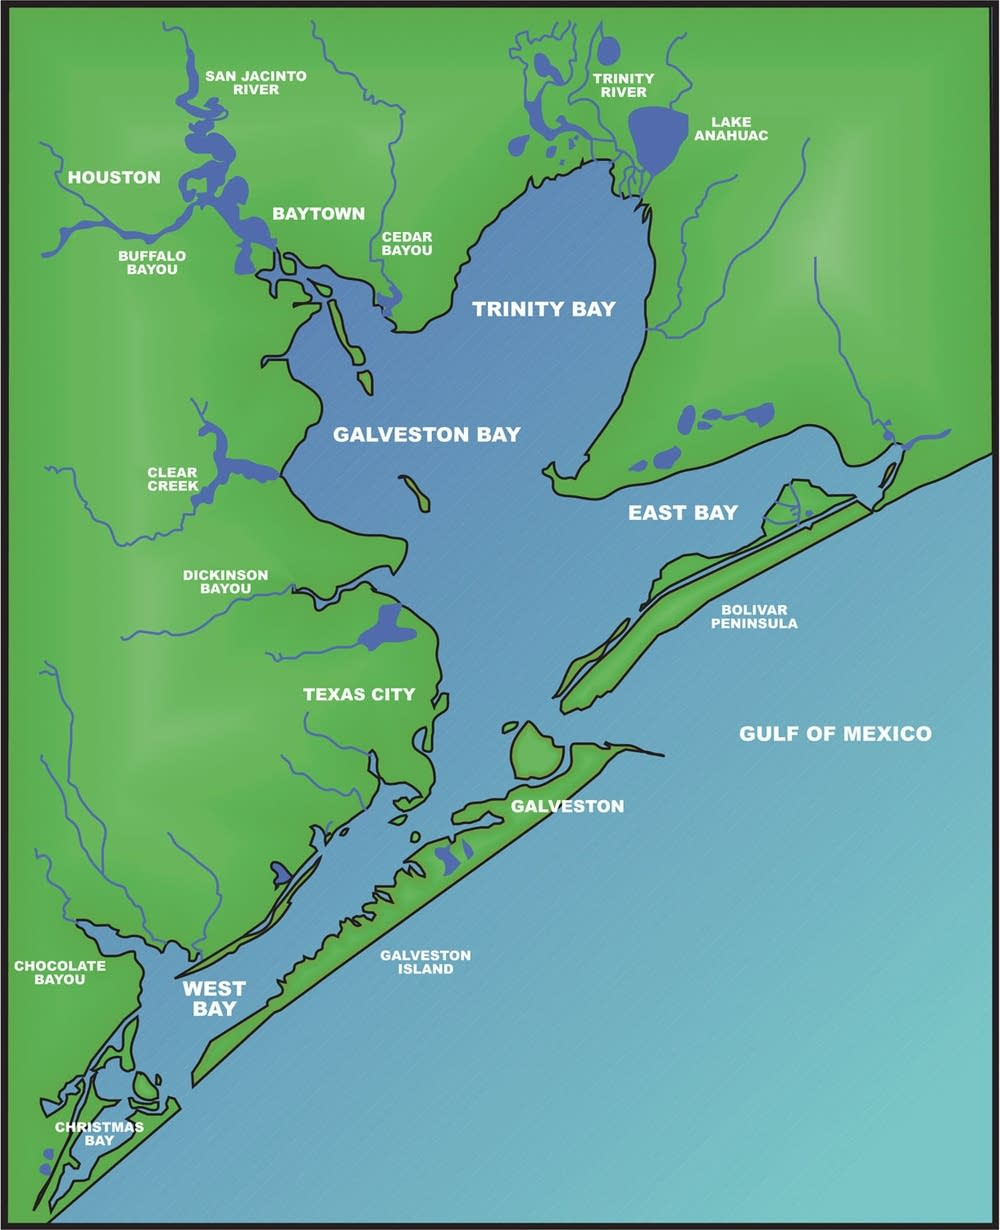 Galveston Bay | The Handbook Of Texas Online| Texas State Historical - Map Of Galveston Texas